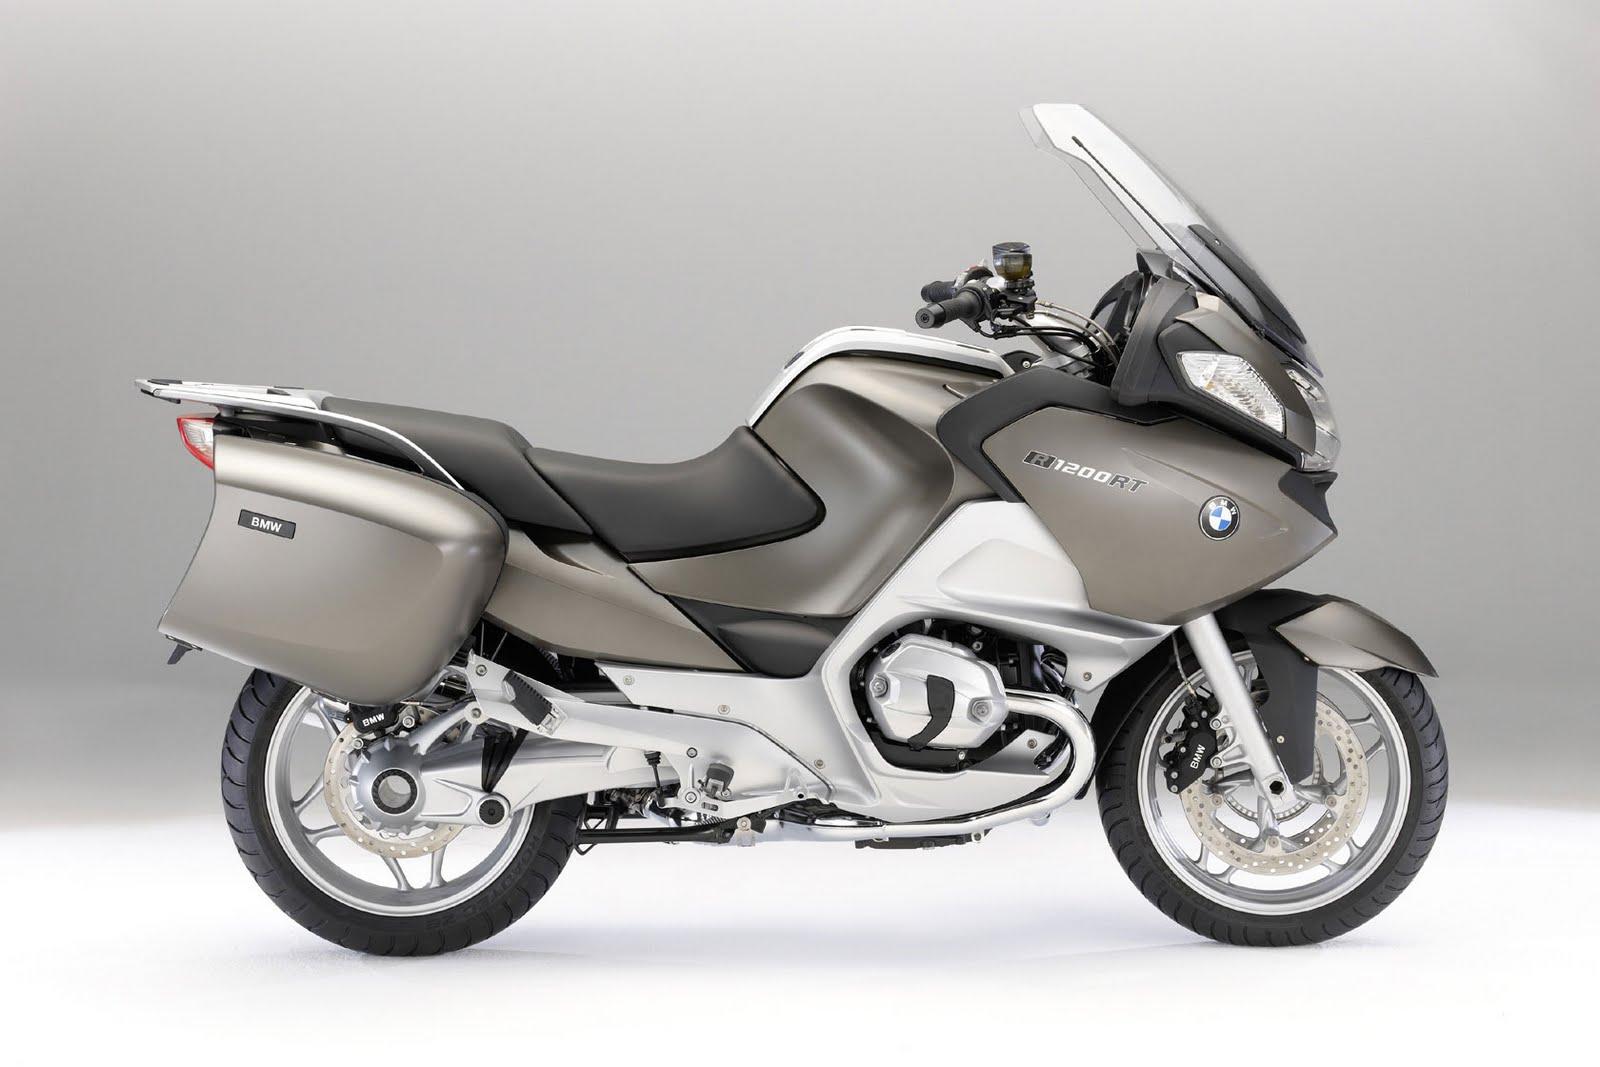 http://4.bp.blogspot.com/_FpGcbrYTyDw/TEZ5aqClQGI/AAAAAAAAA-Y/y9ZGbFMVkCY/s1600/2010+BMW+R1200RT+side1.jpg